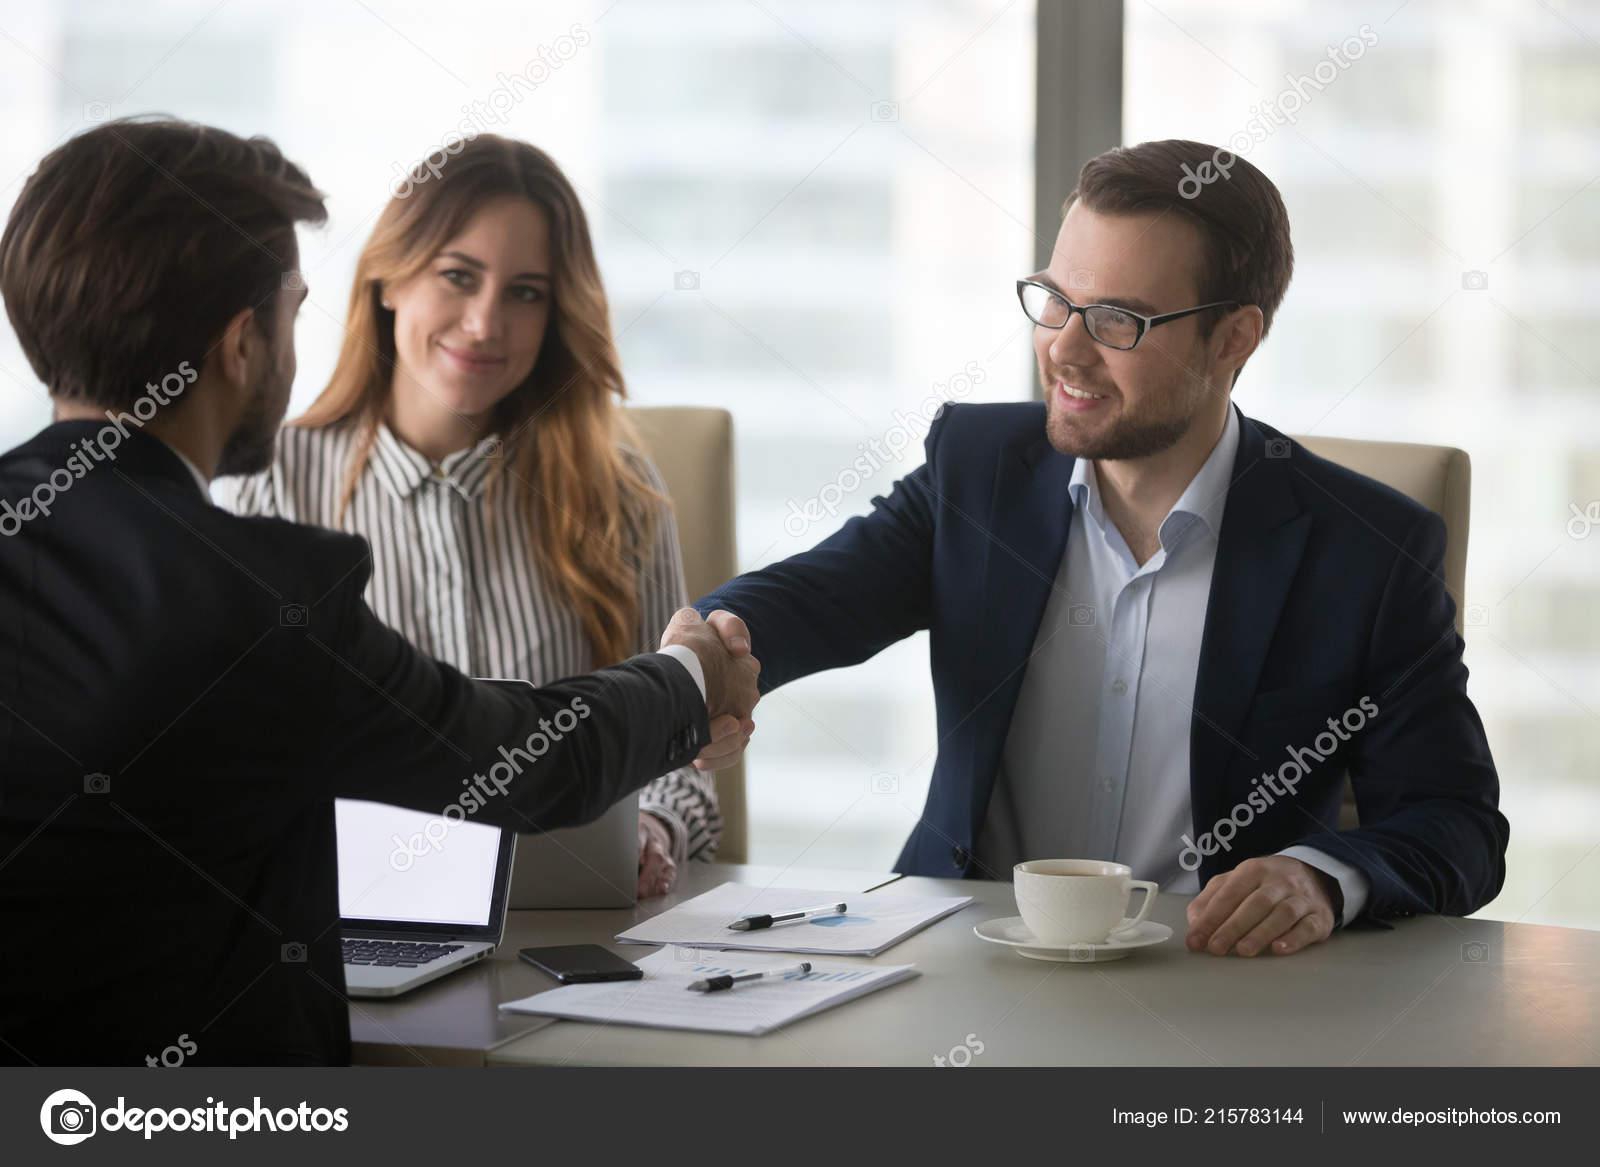 99ec153914d Бизнес партнеры рукопожатия приветствие на встрече в офисе ...